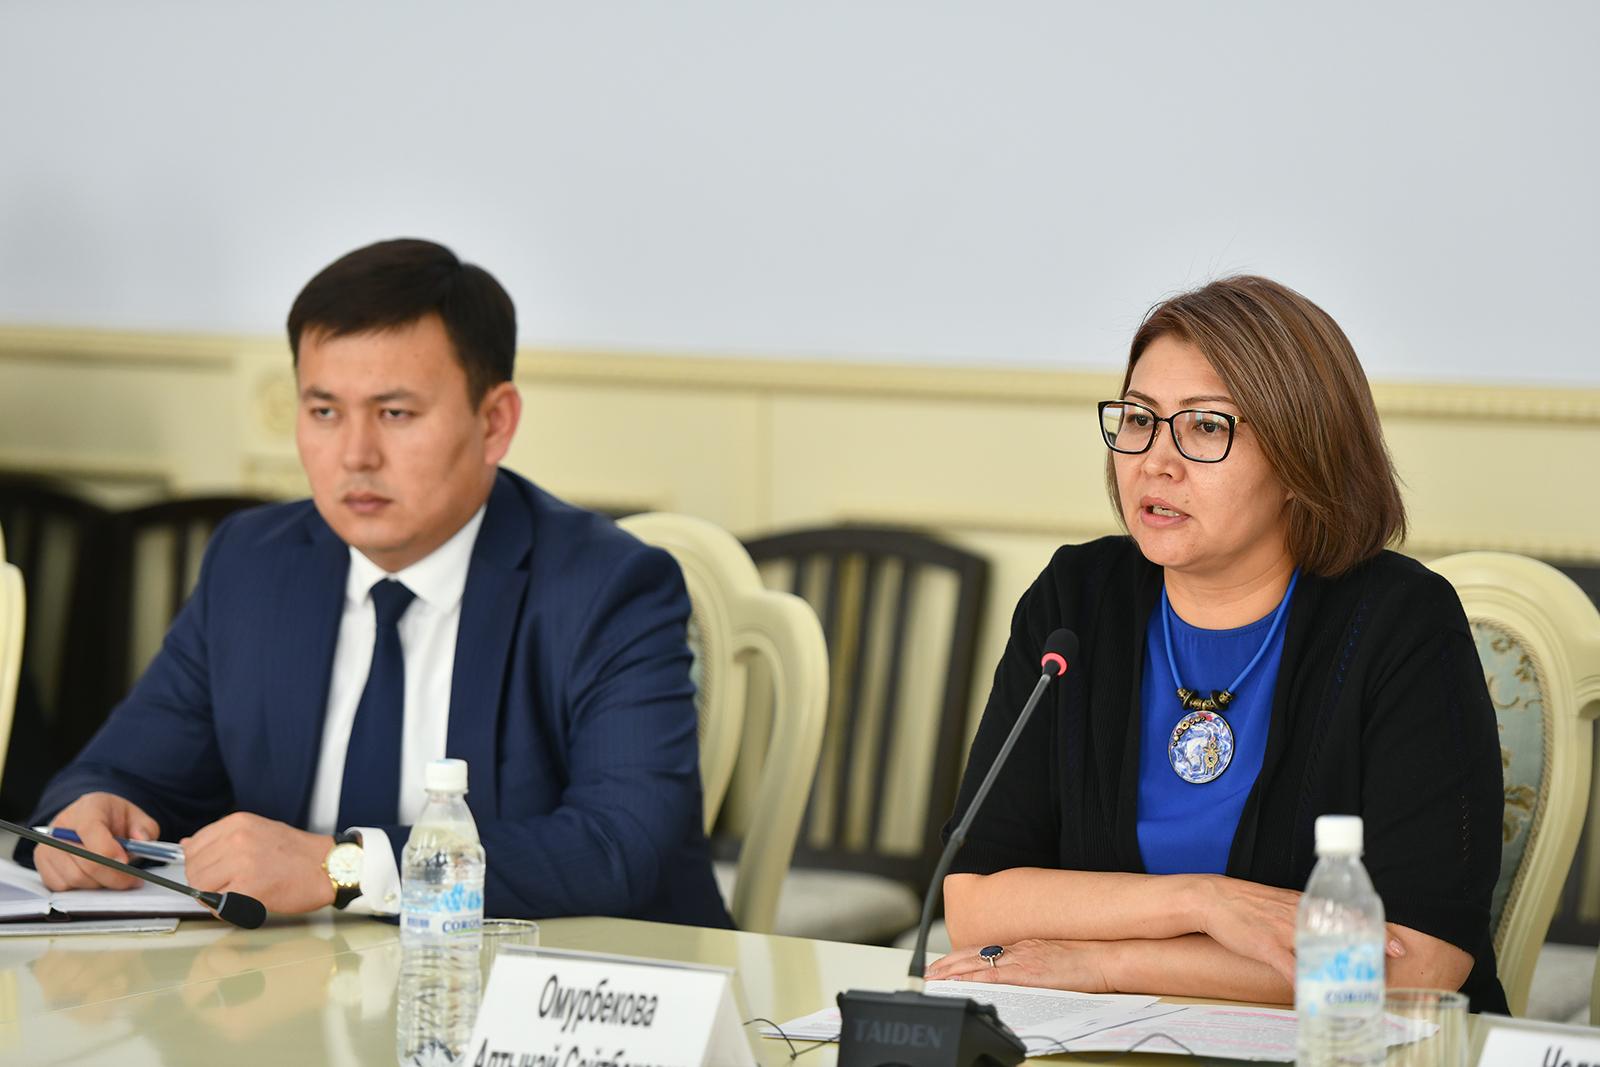 Алтынай Өмүрбекова: Өкмөт жарандарга сапаттуу медициналык кызмат көрсөтүү боюнча иш алып барууда